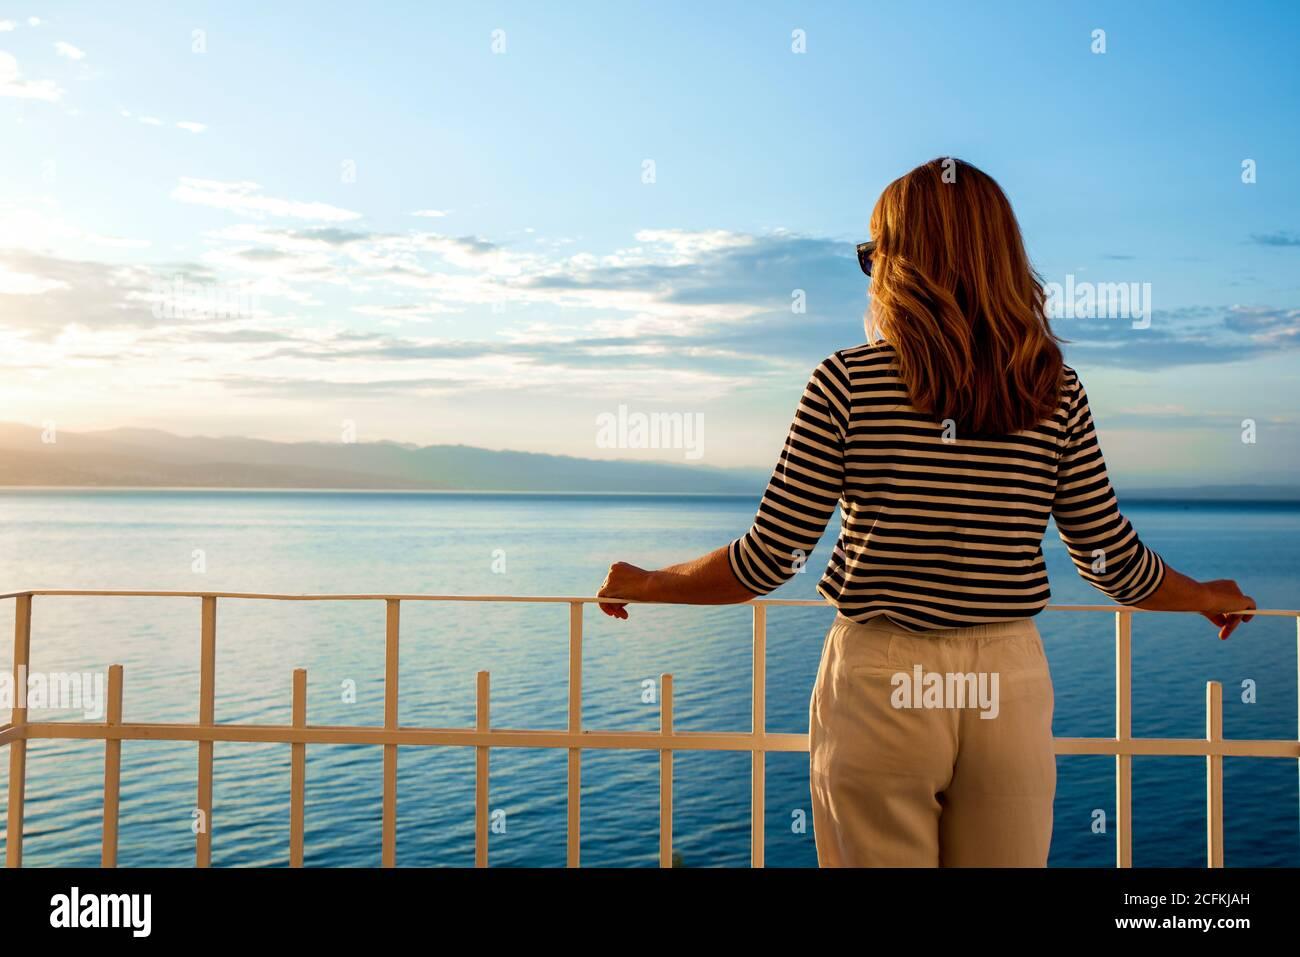 Un tiro de mujer bonita con sombrero de paja y gafas de sol mientras estaba de pie en el balcón y mirando a la vista al mar. Soñando despierto. Foto de stock